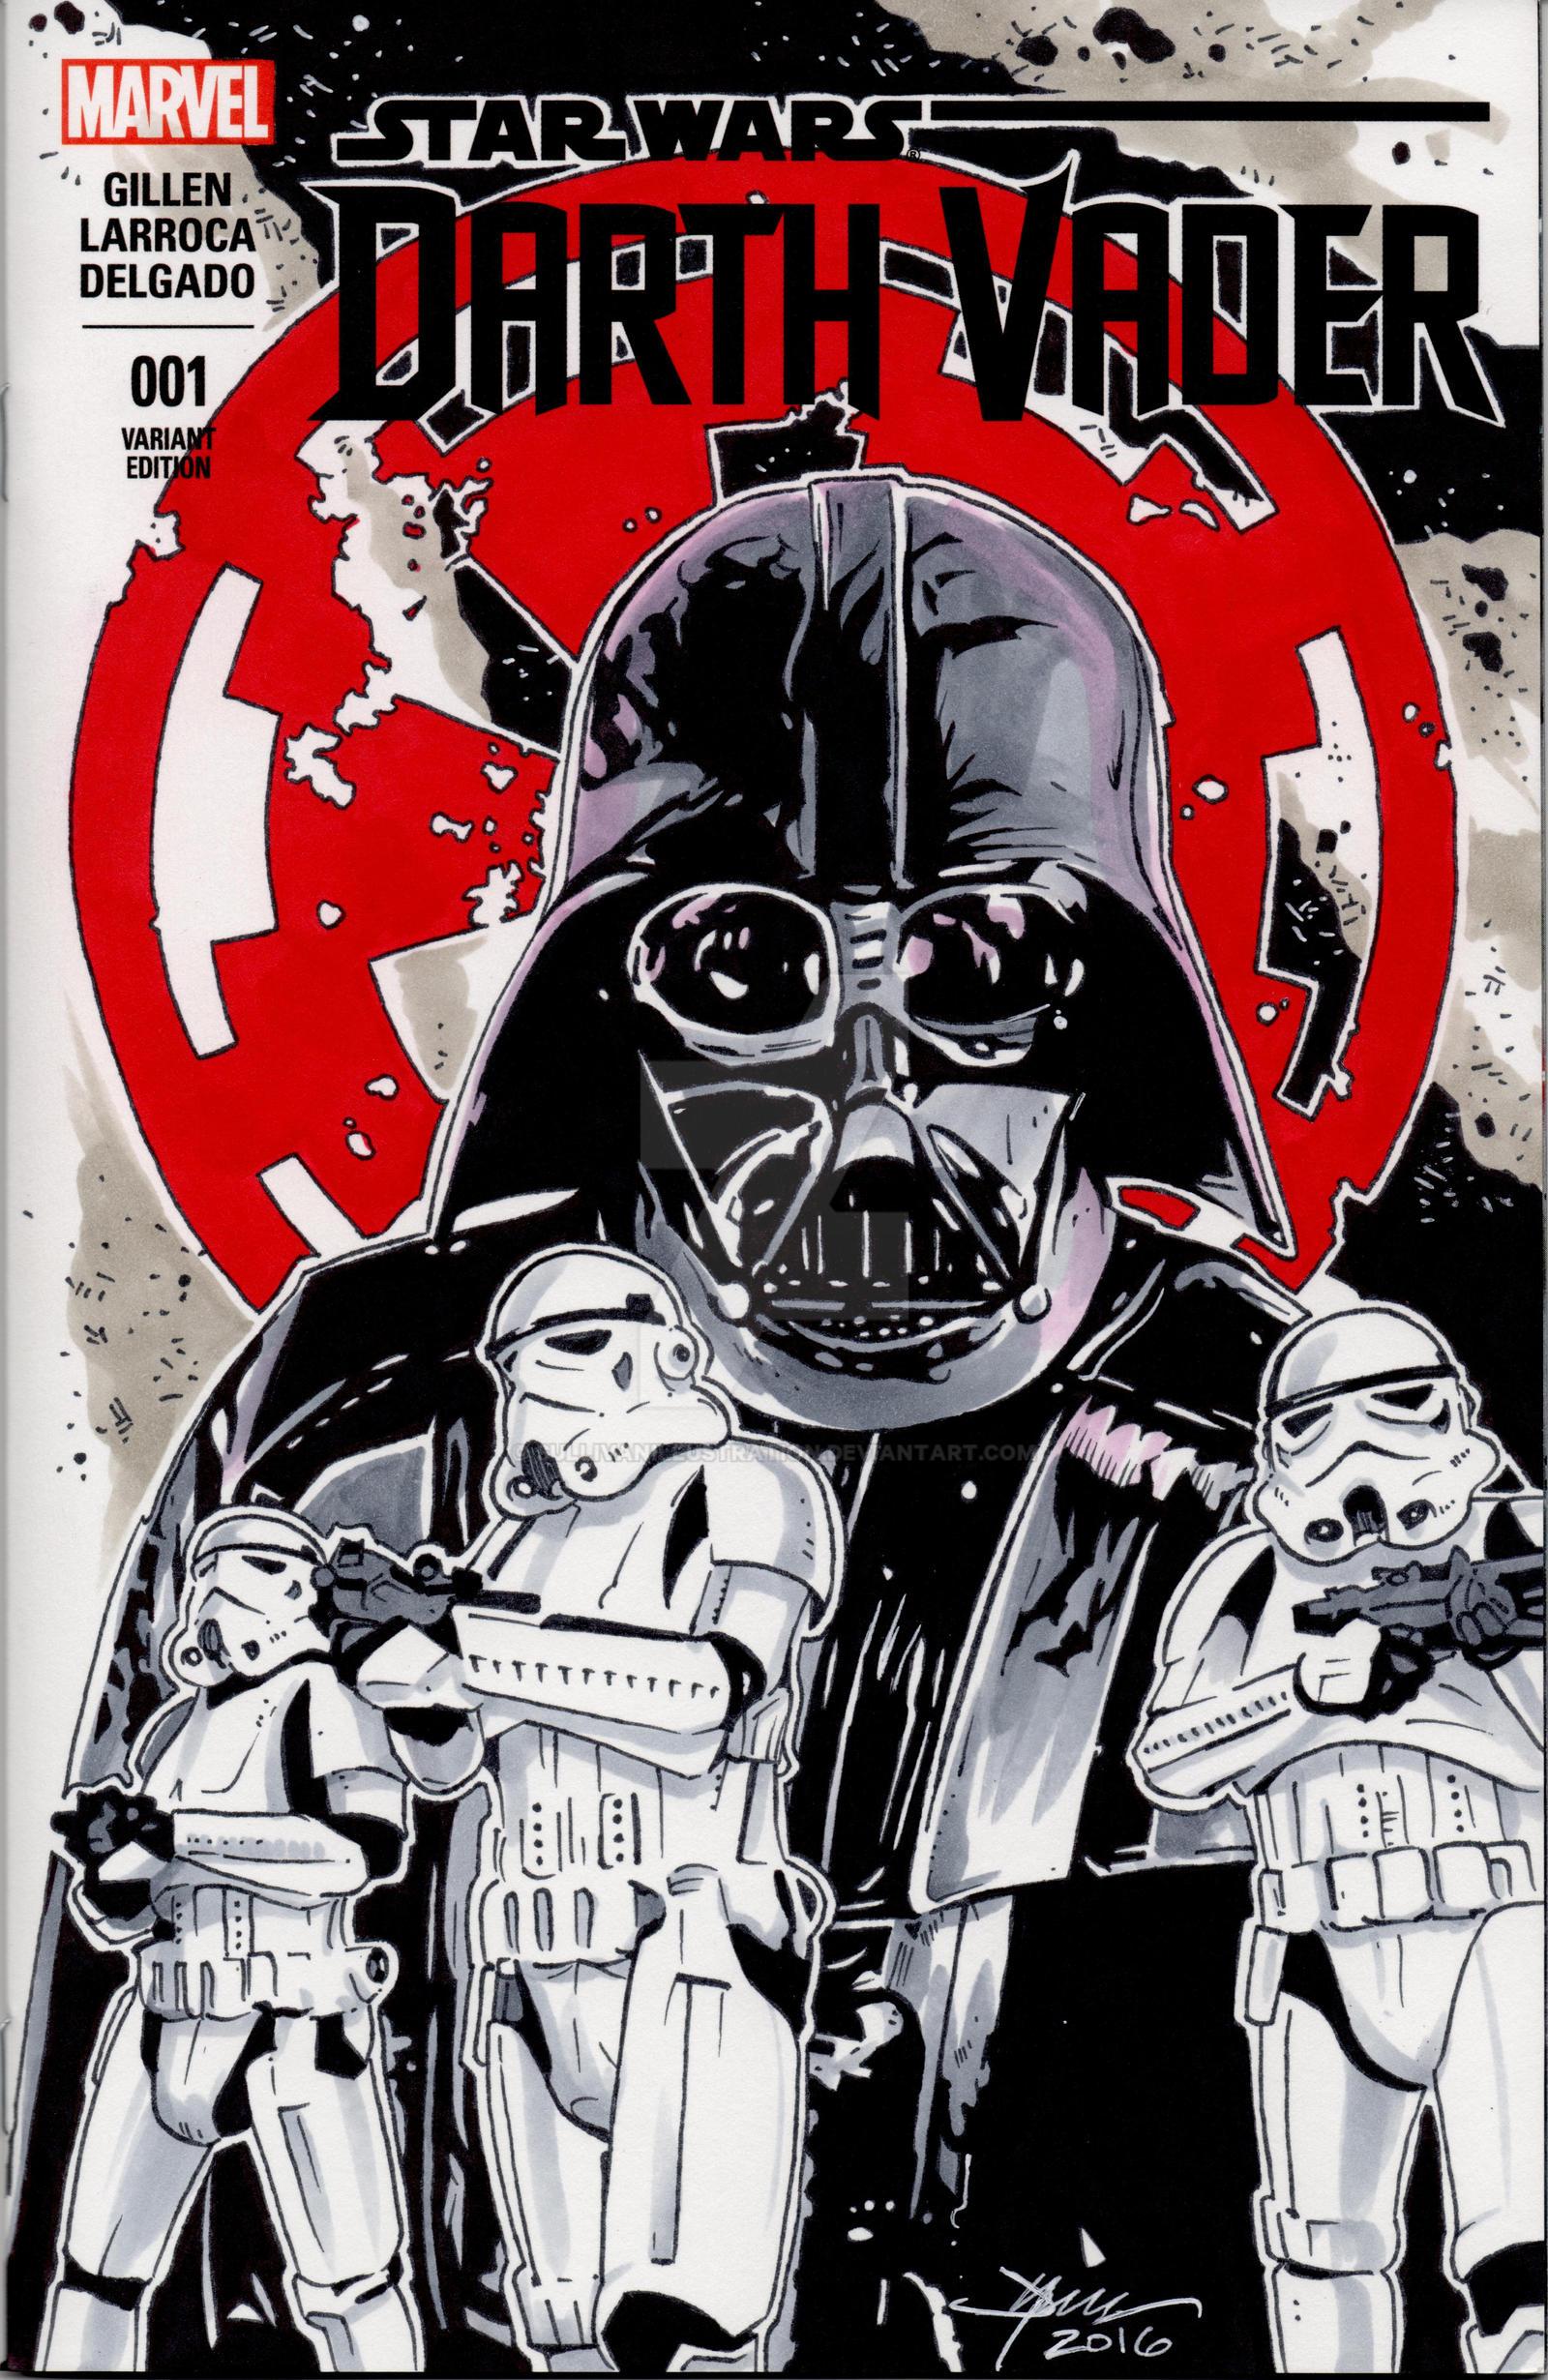 Star Wars Darth Vader Hand Drawn Sketch Cover by sullivanillustration